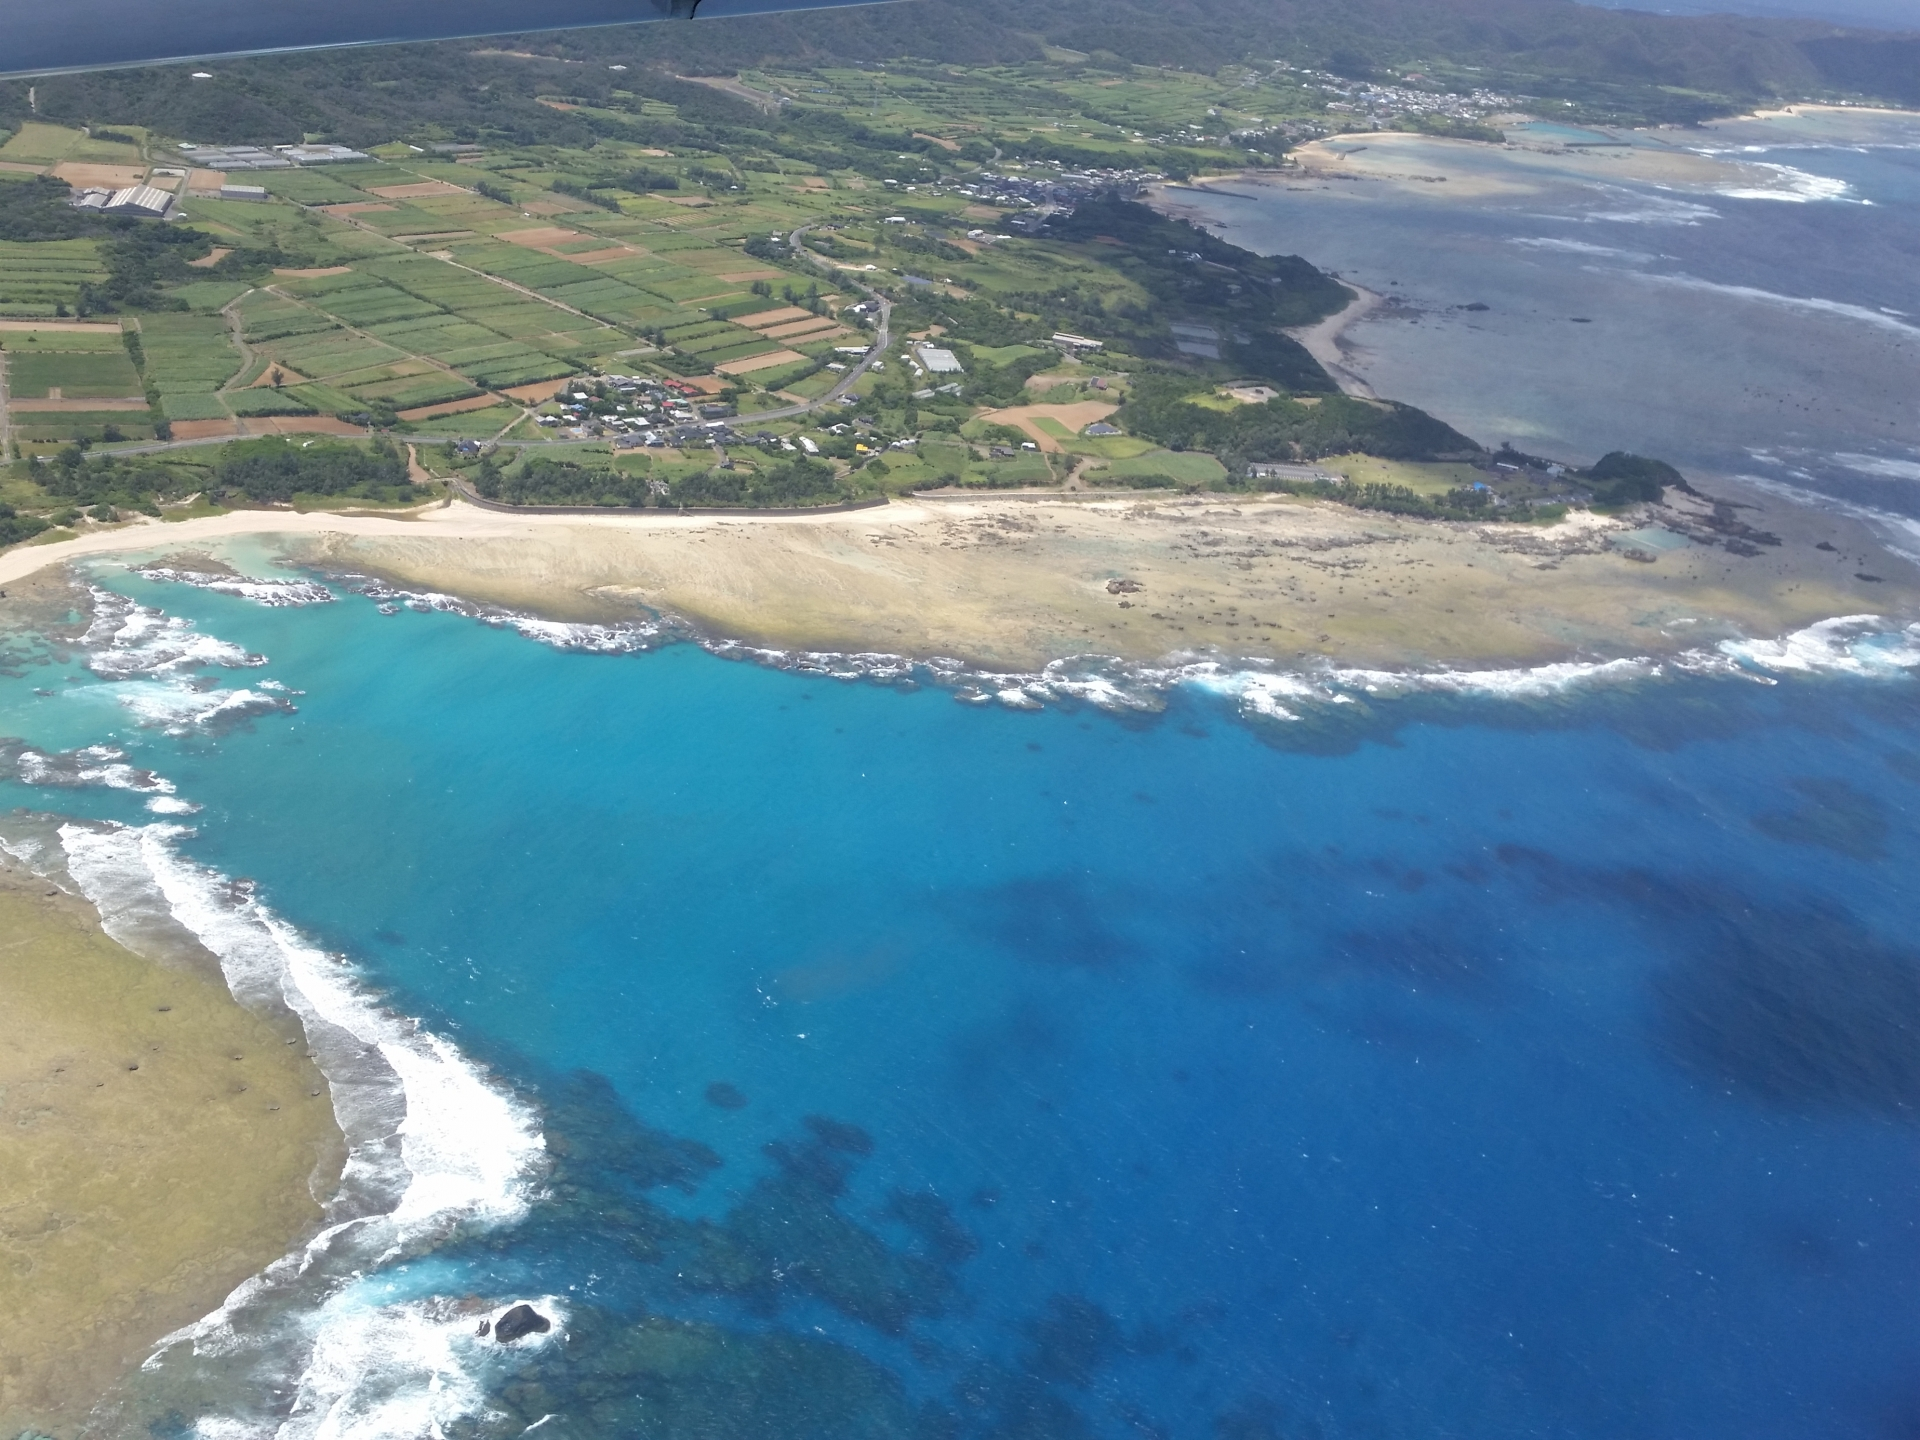 奄美大島の観光スポットや全島マップとモデルコースについて